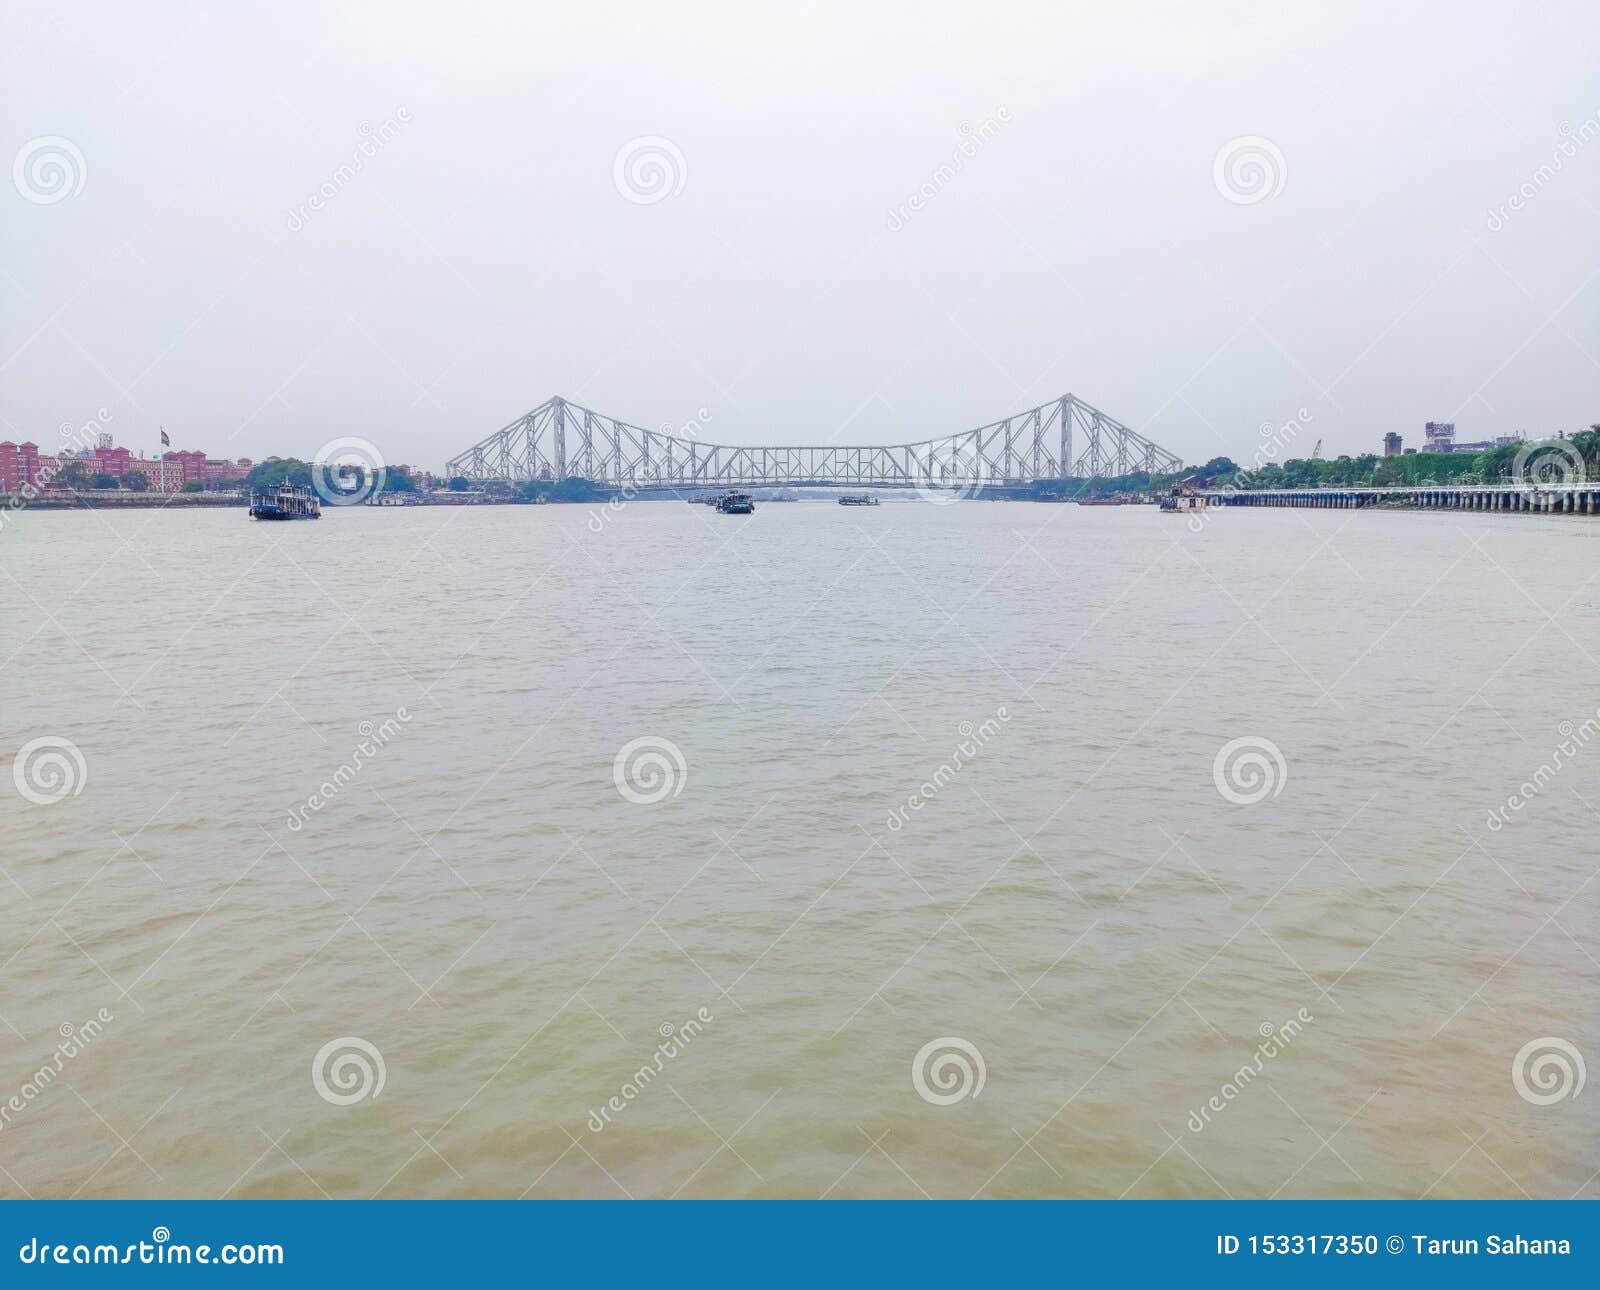 Distance view of howrah bridge